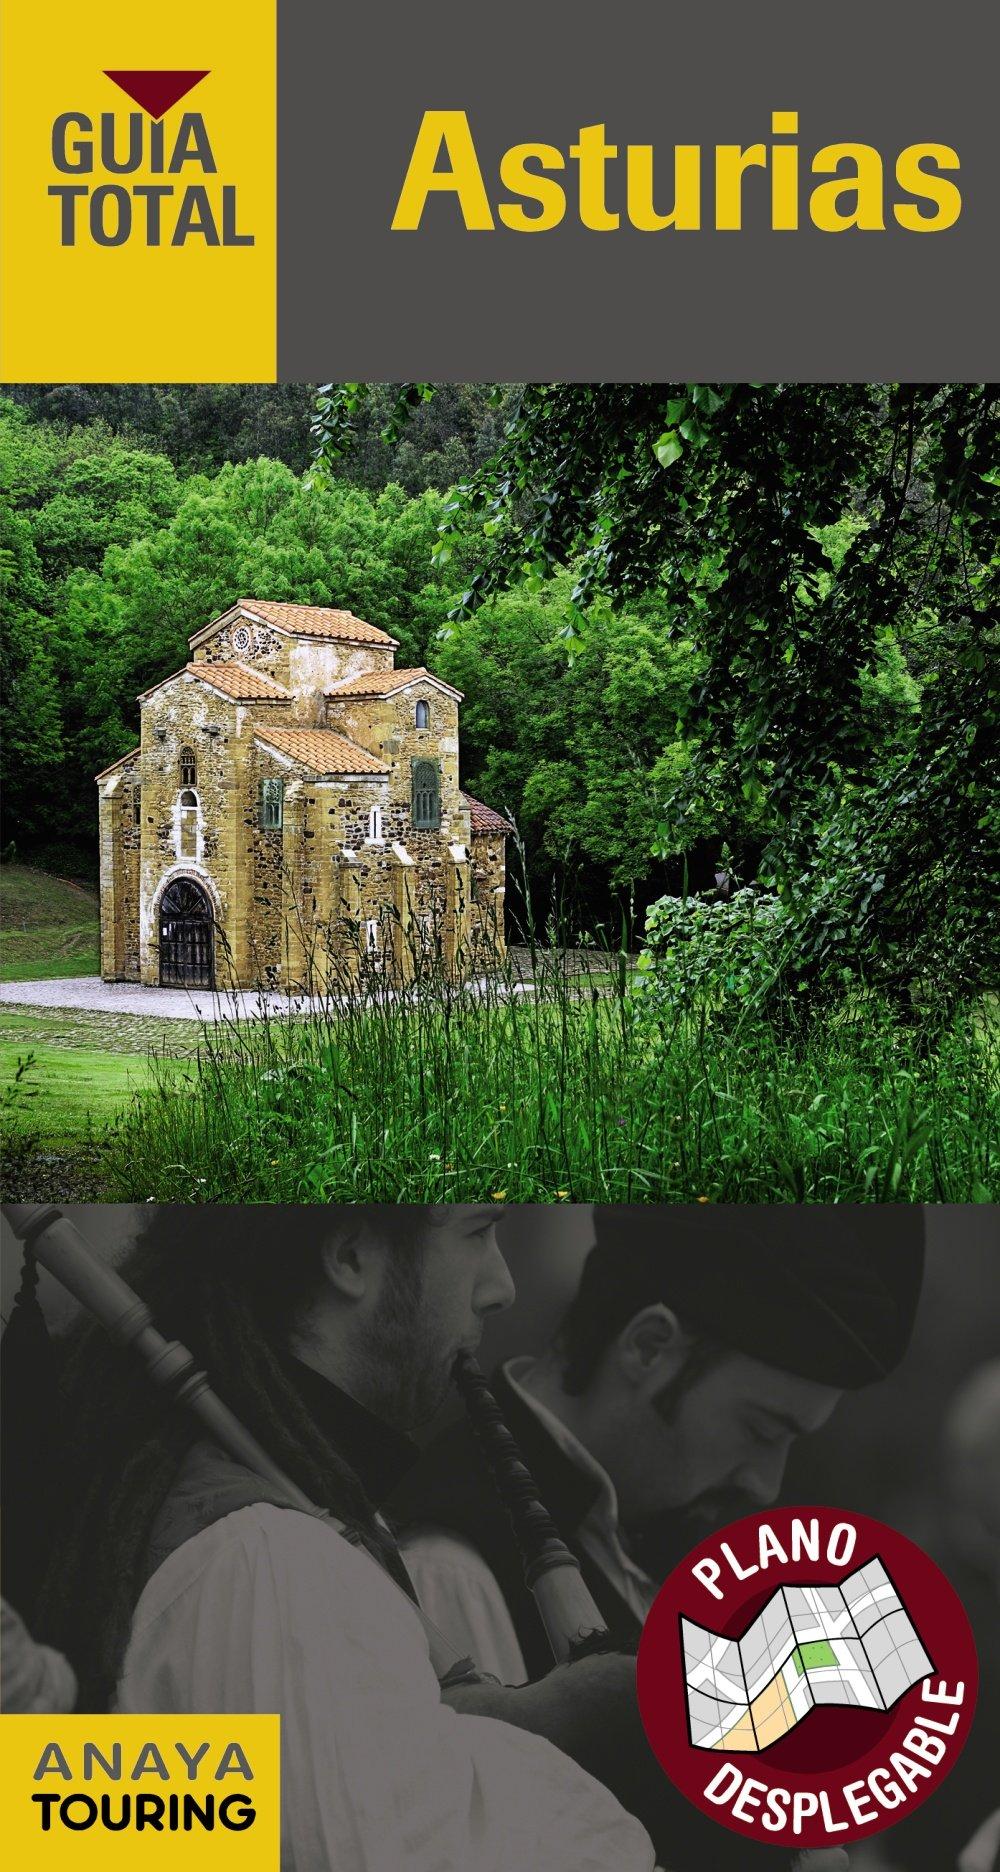 Asturias (Guía Total - España): Amazon.es: Anaya Touring, Pombo Rodríguez, Antón: Libros